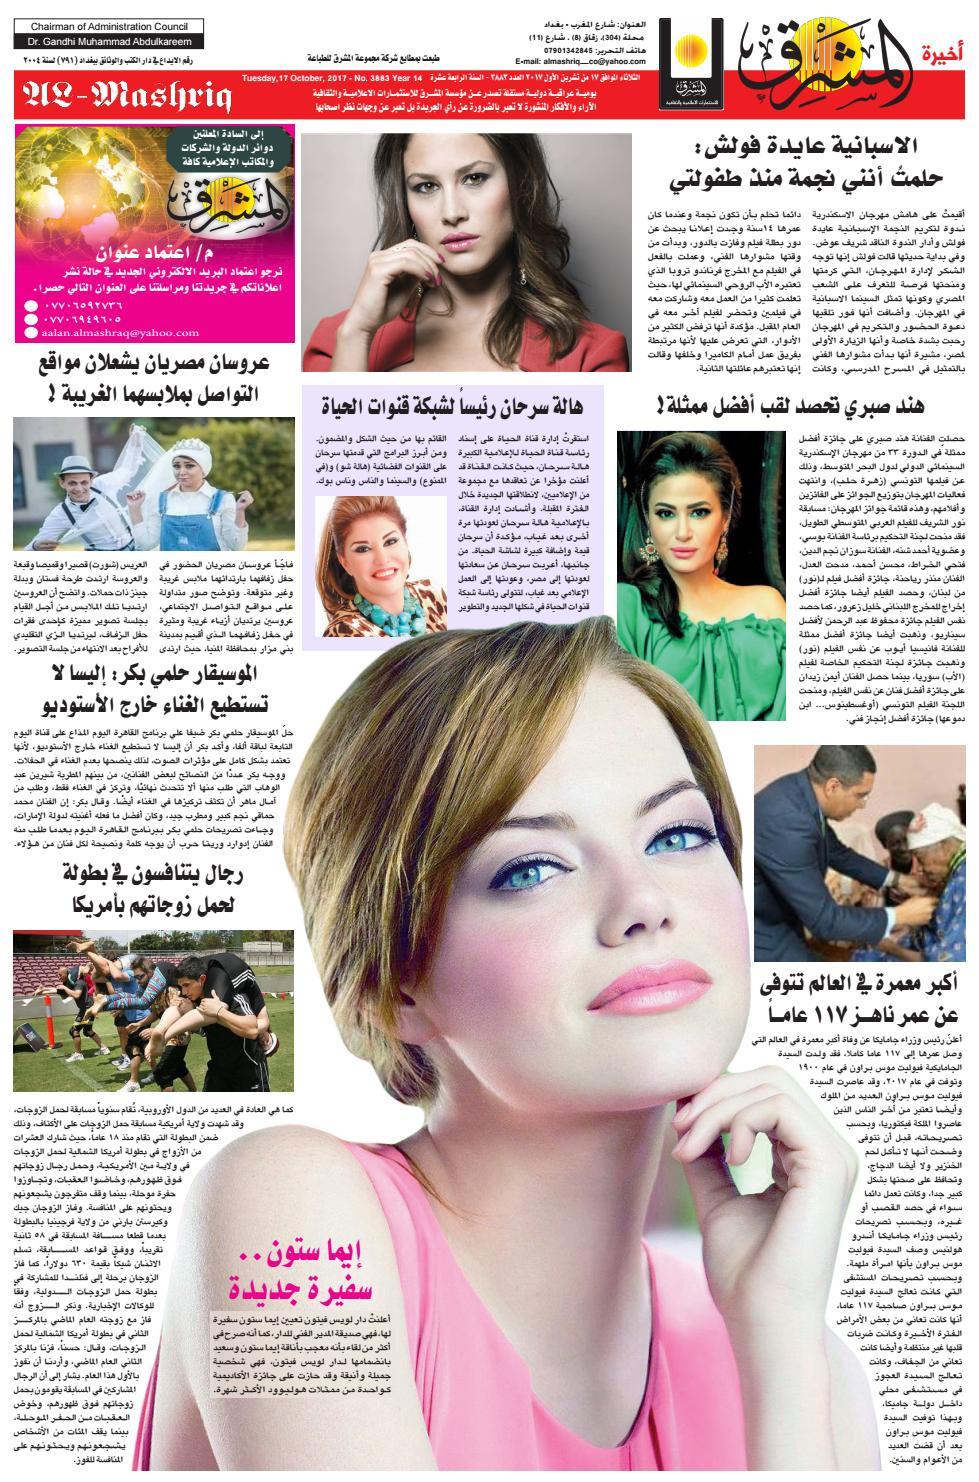 ab89b1dd379b3 3883 AlmashriqNews by Al Mashriq Newspaper - issuu